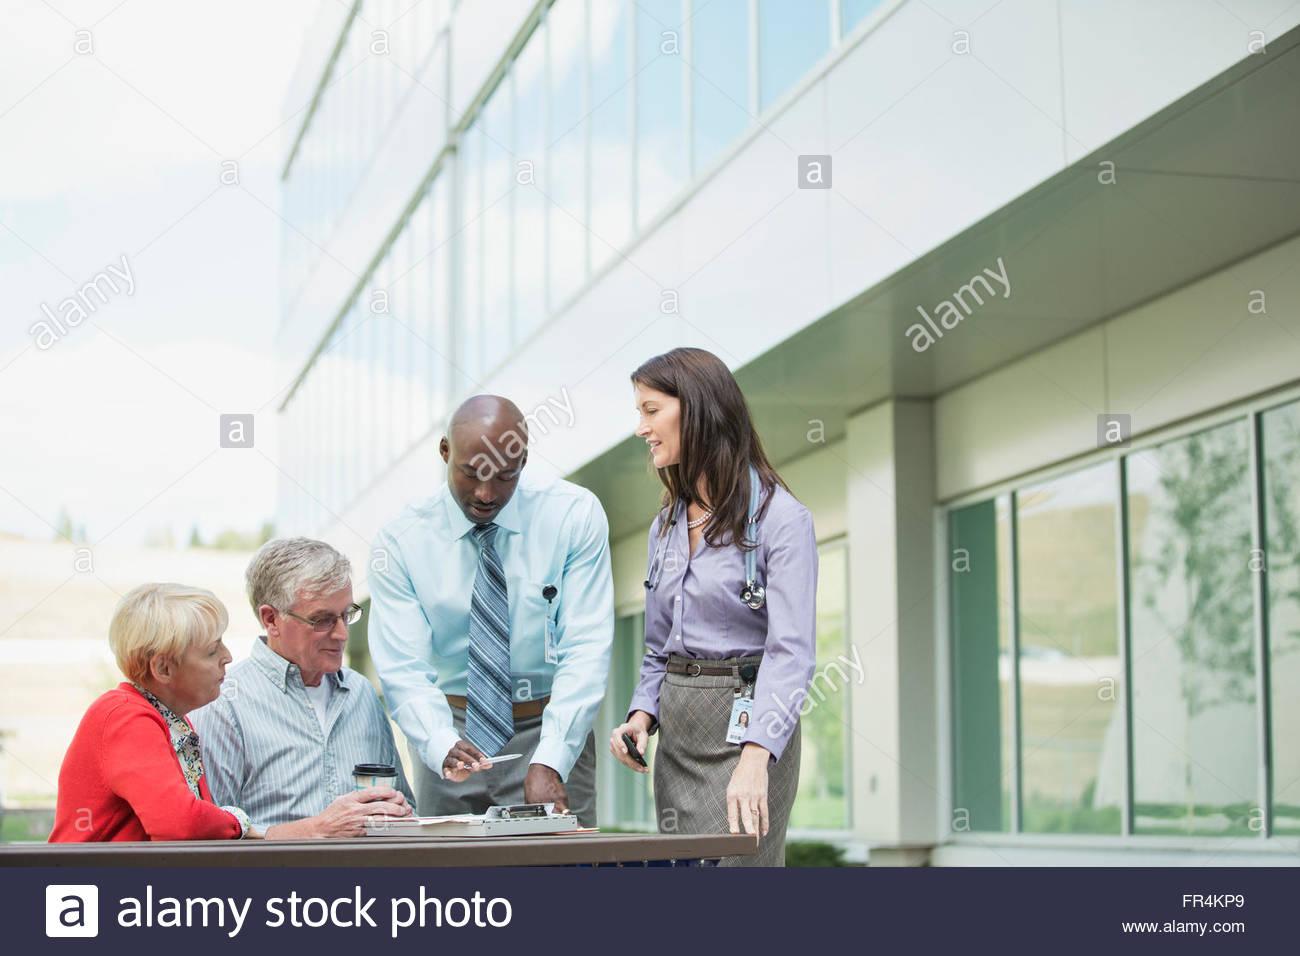 Älteres Paar im Gespräch mit Ärzten außerhalb der medizinischen Einrichtung Stockbild